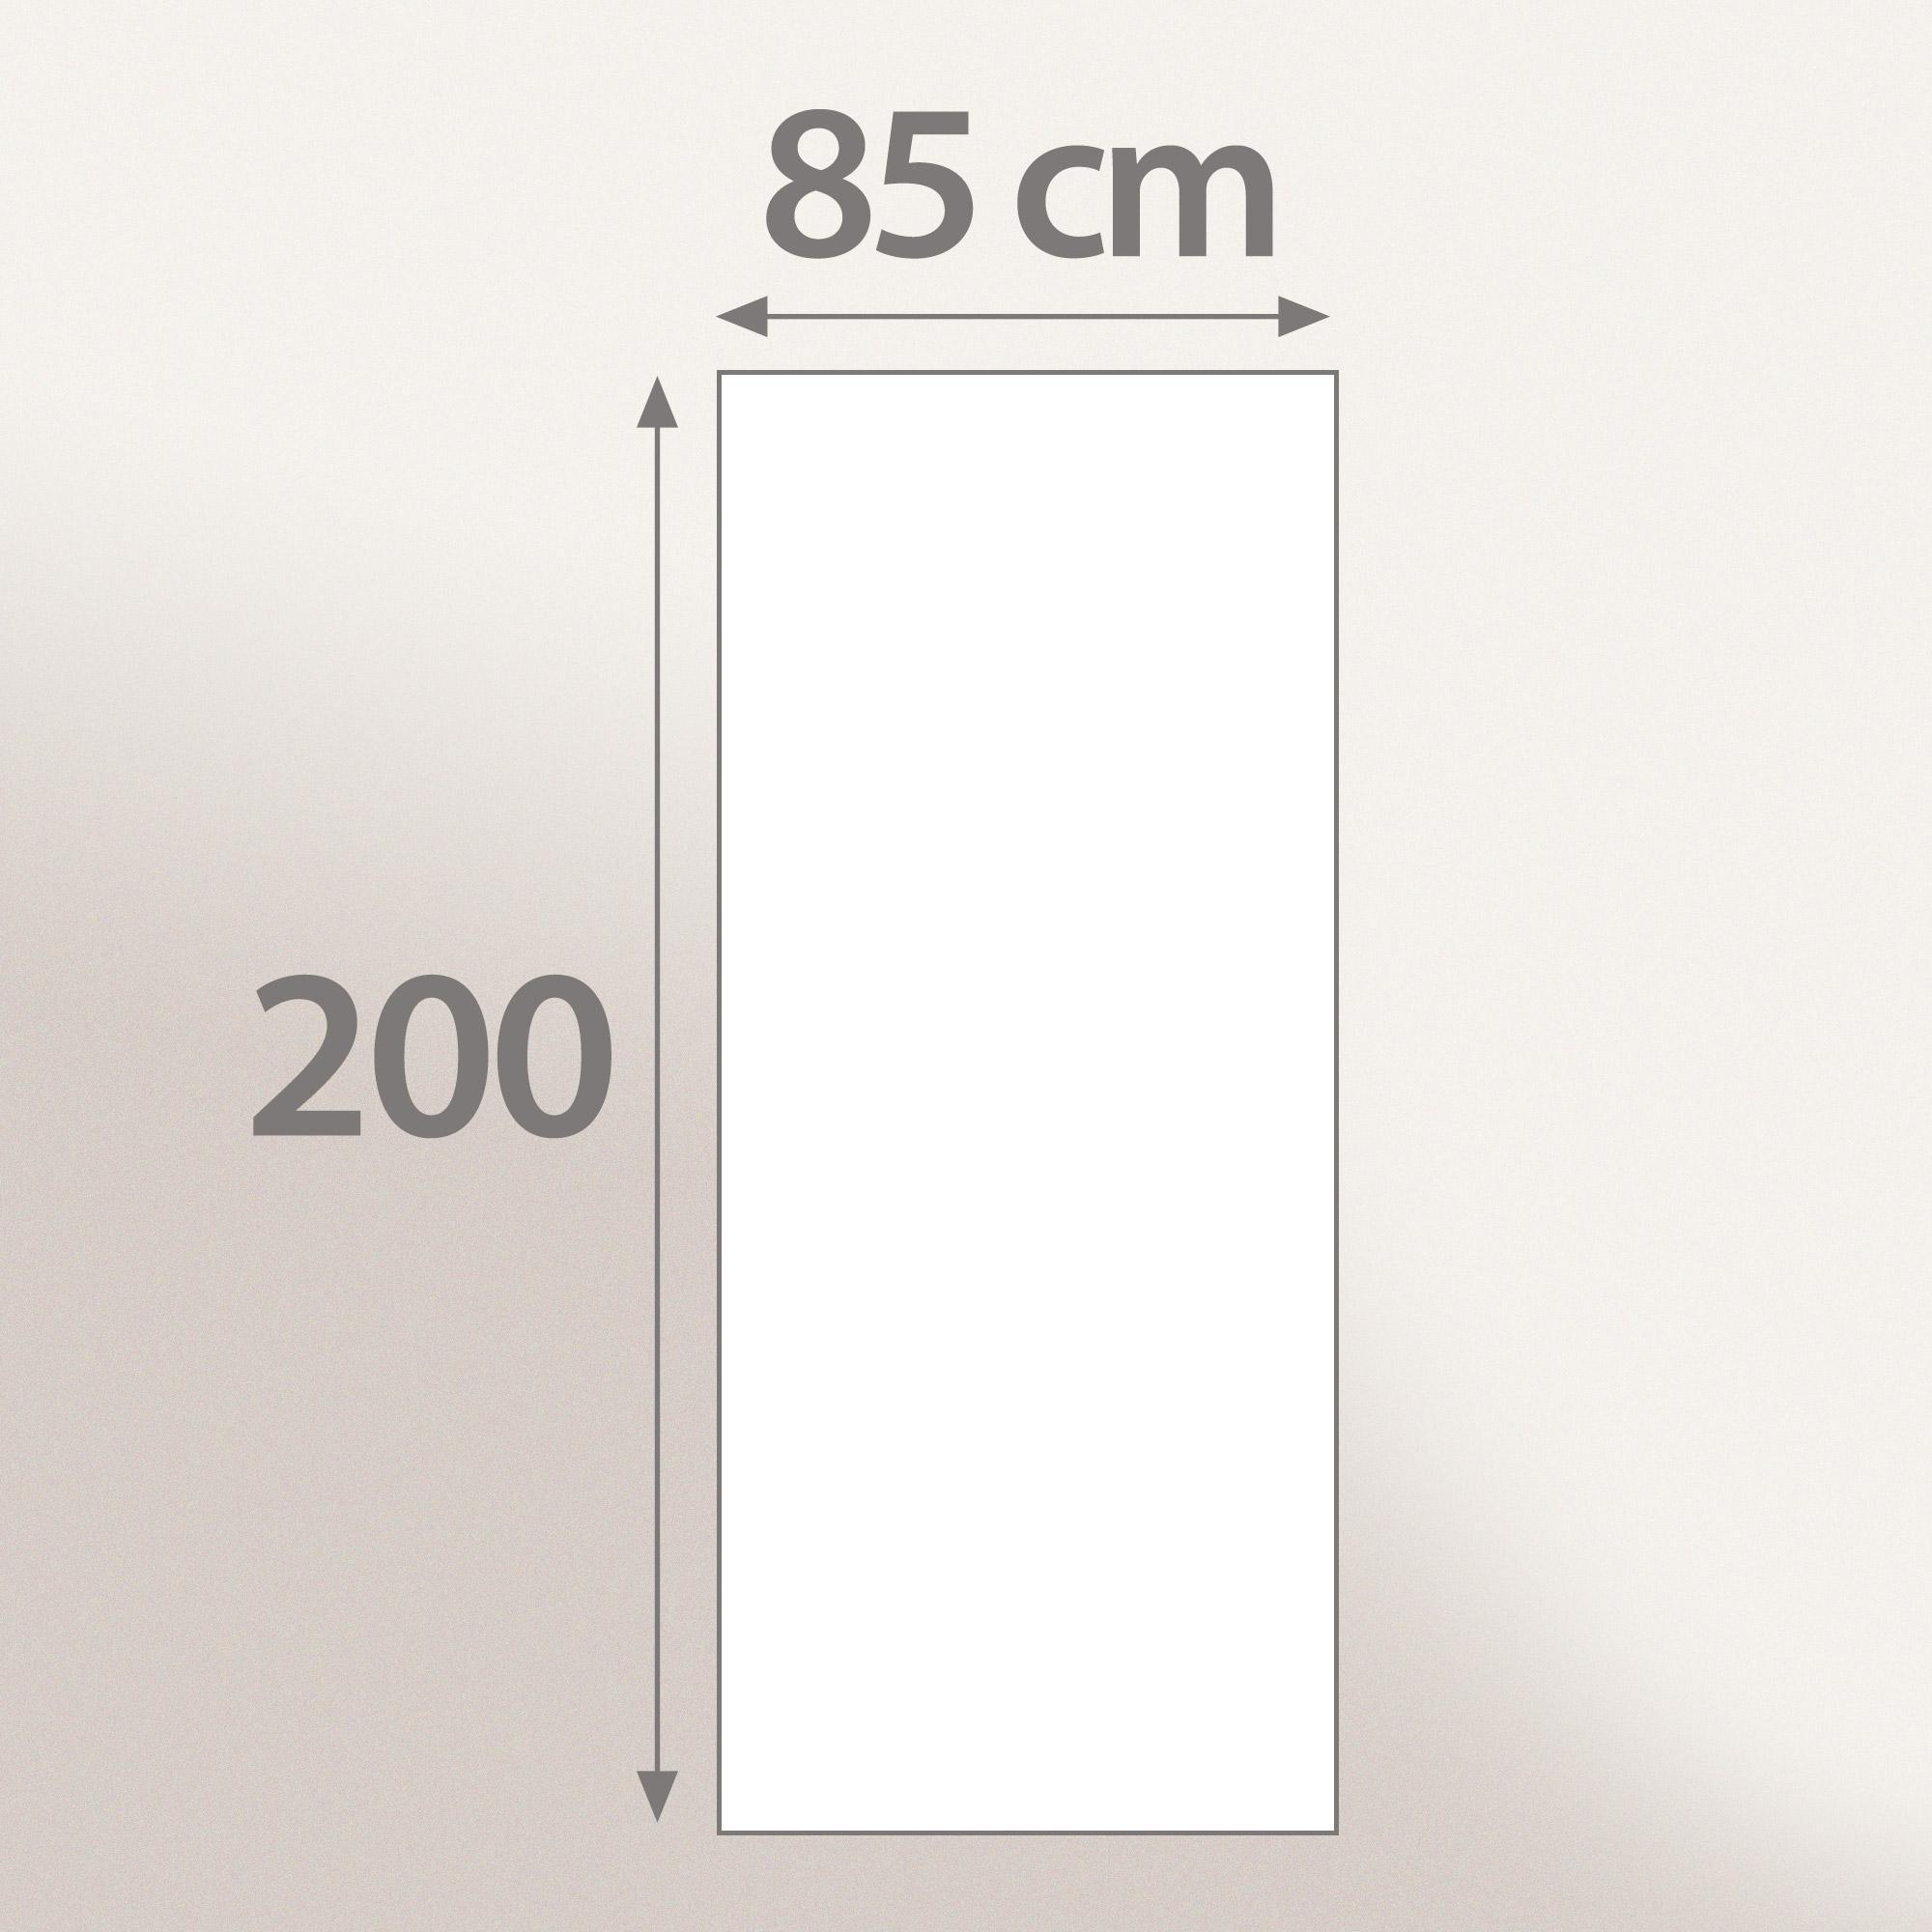 drap de plage 85x200 cm 480 g m katze bleu linnea linge de maison et. Black Bedroom Furniture Sets. Home Design Ideas